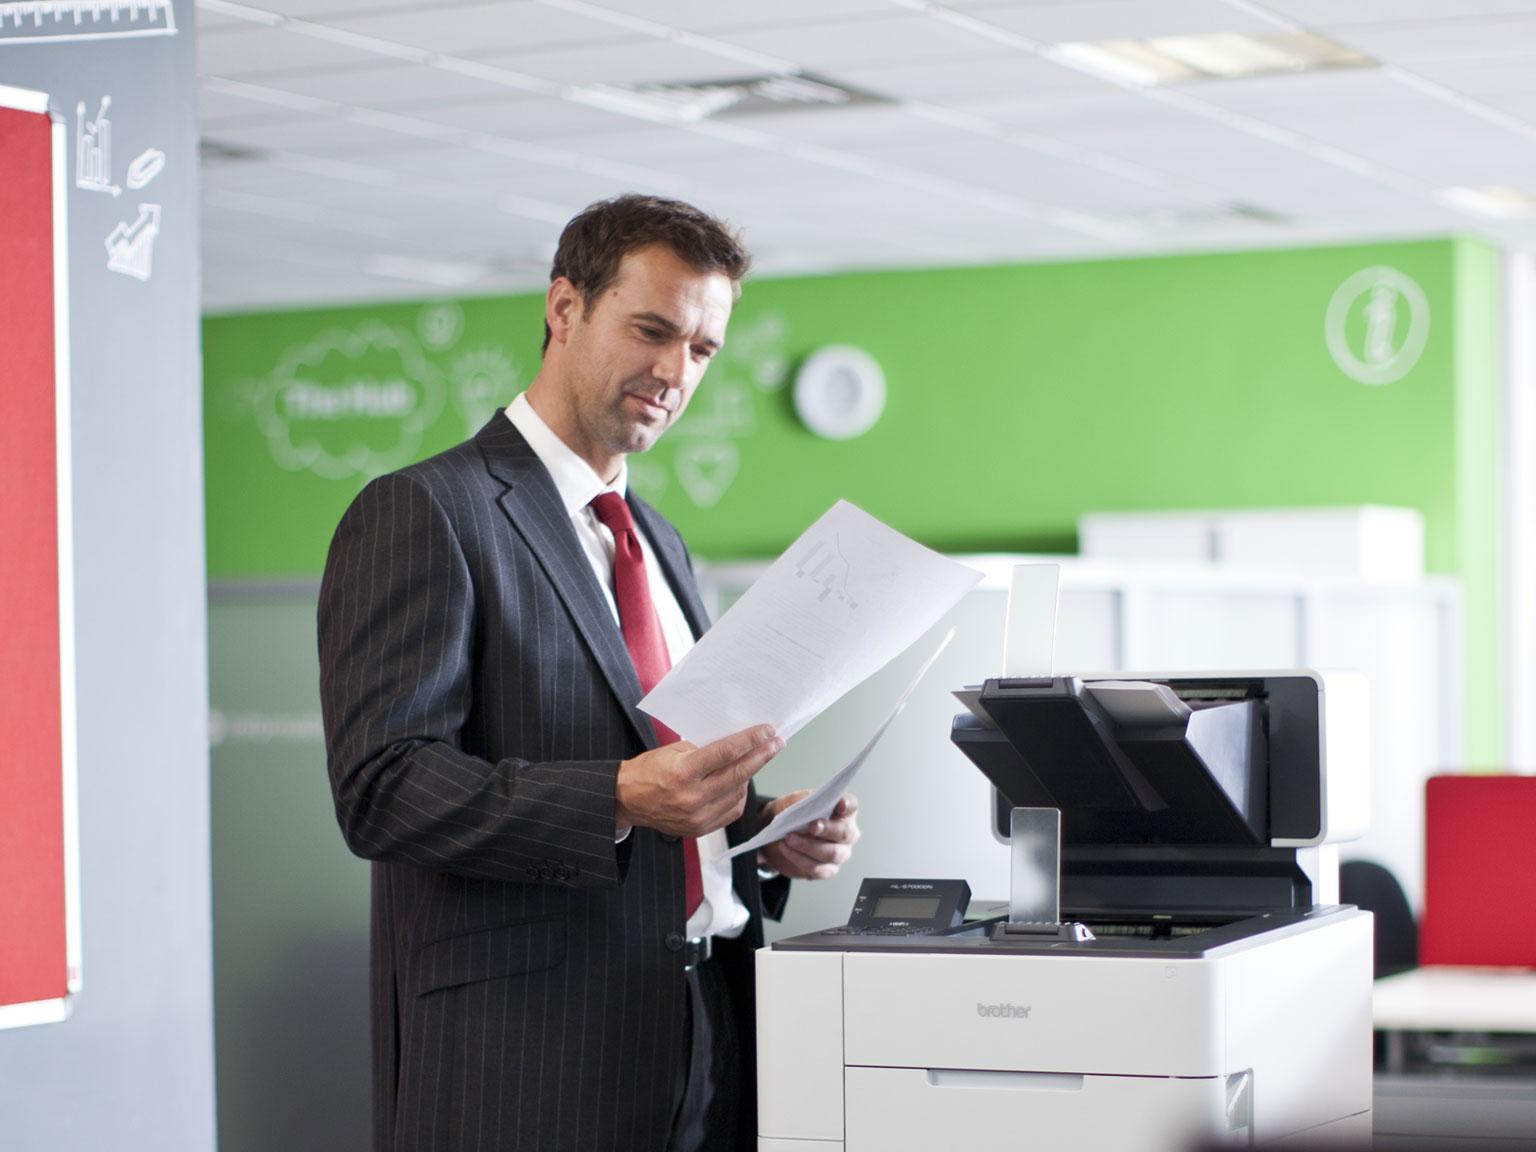 Imprimante Brother bureau banque assurance